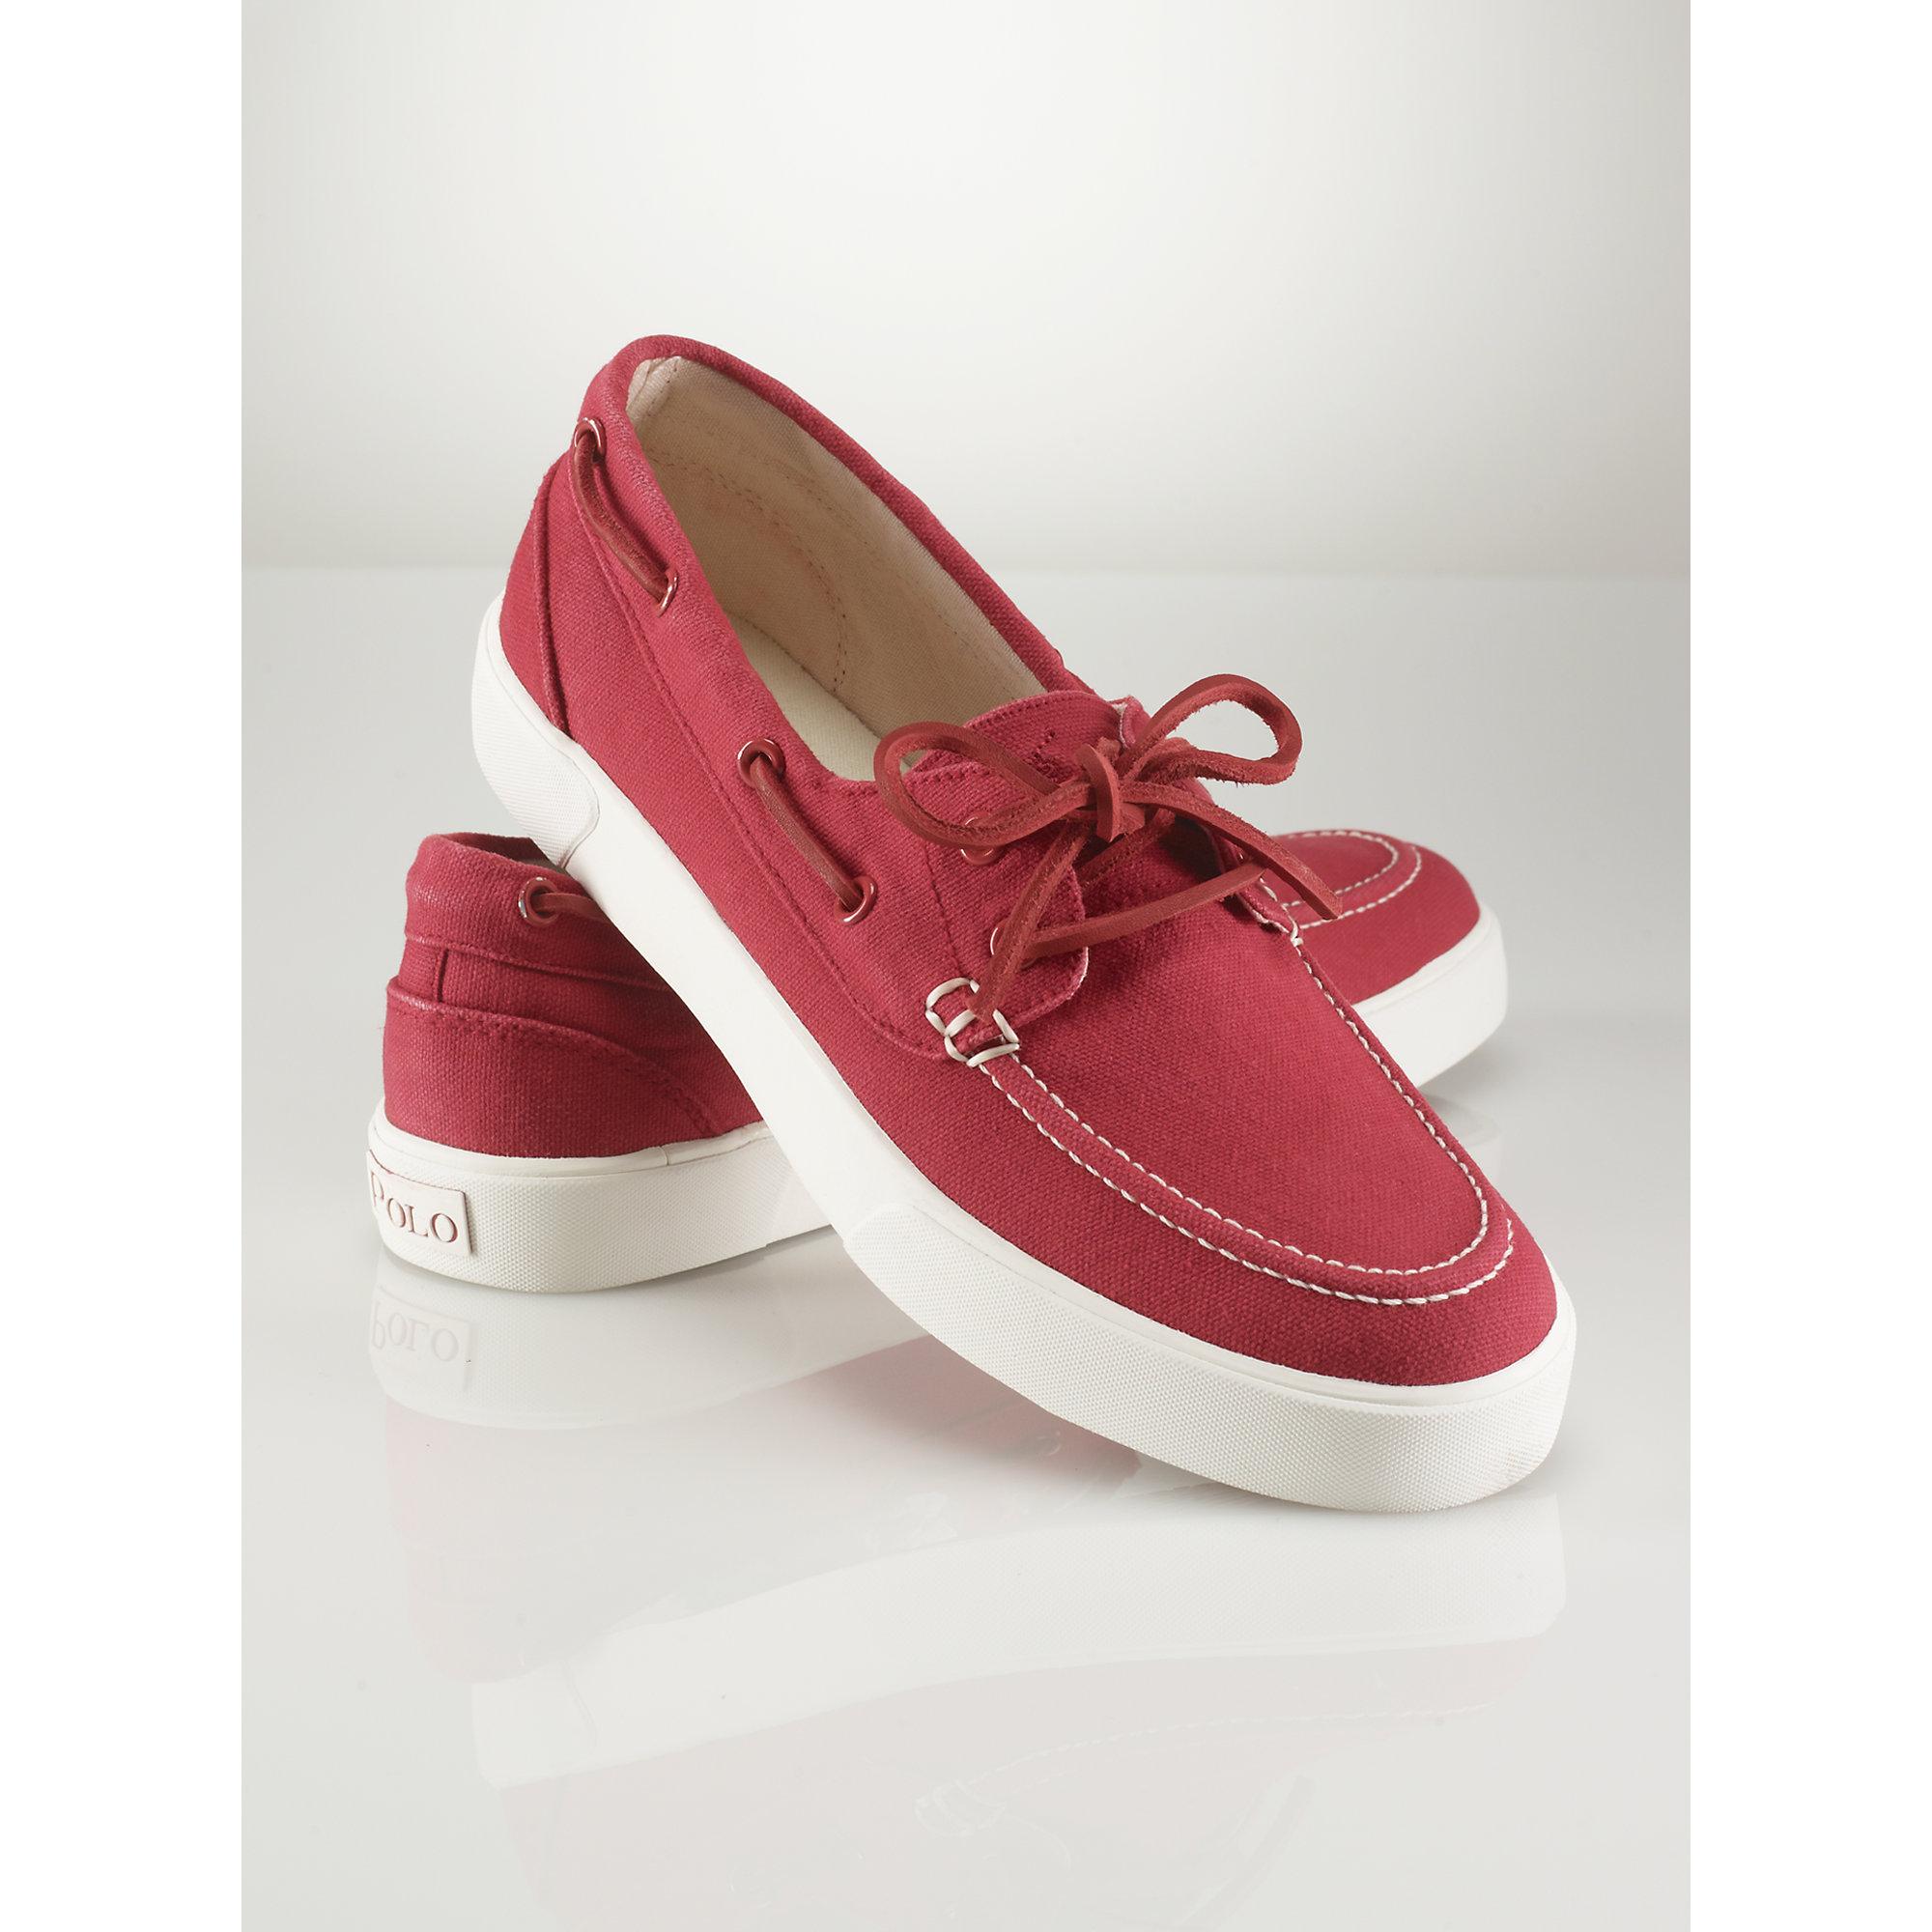 Bruno Magli Shoe Laces